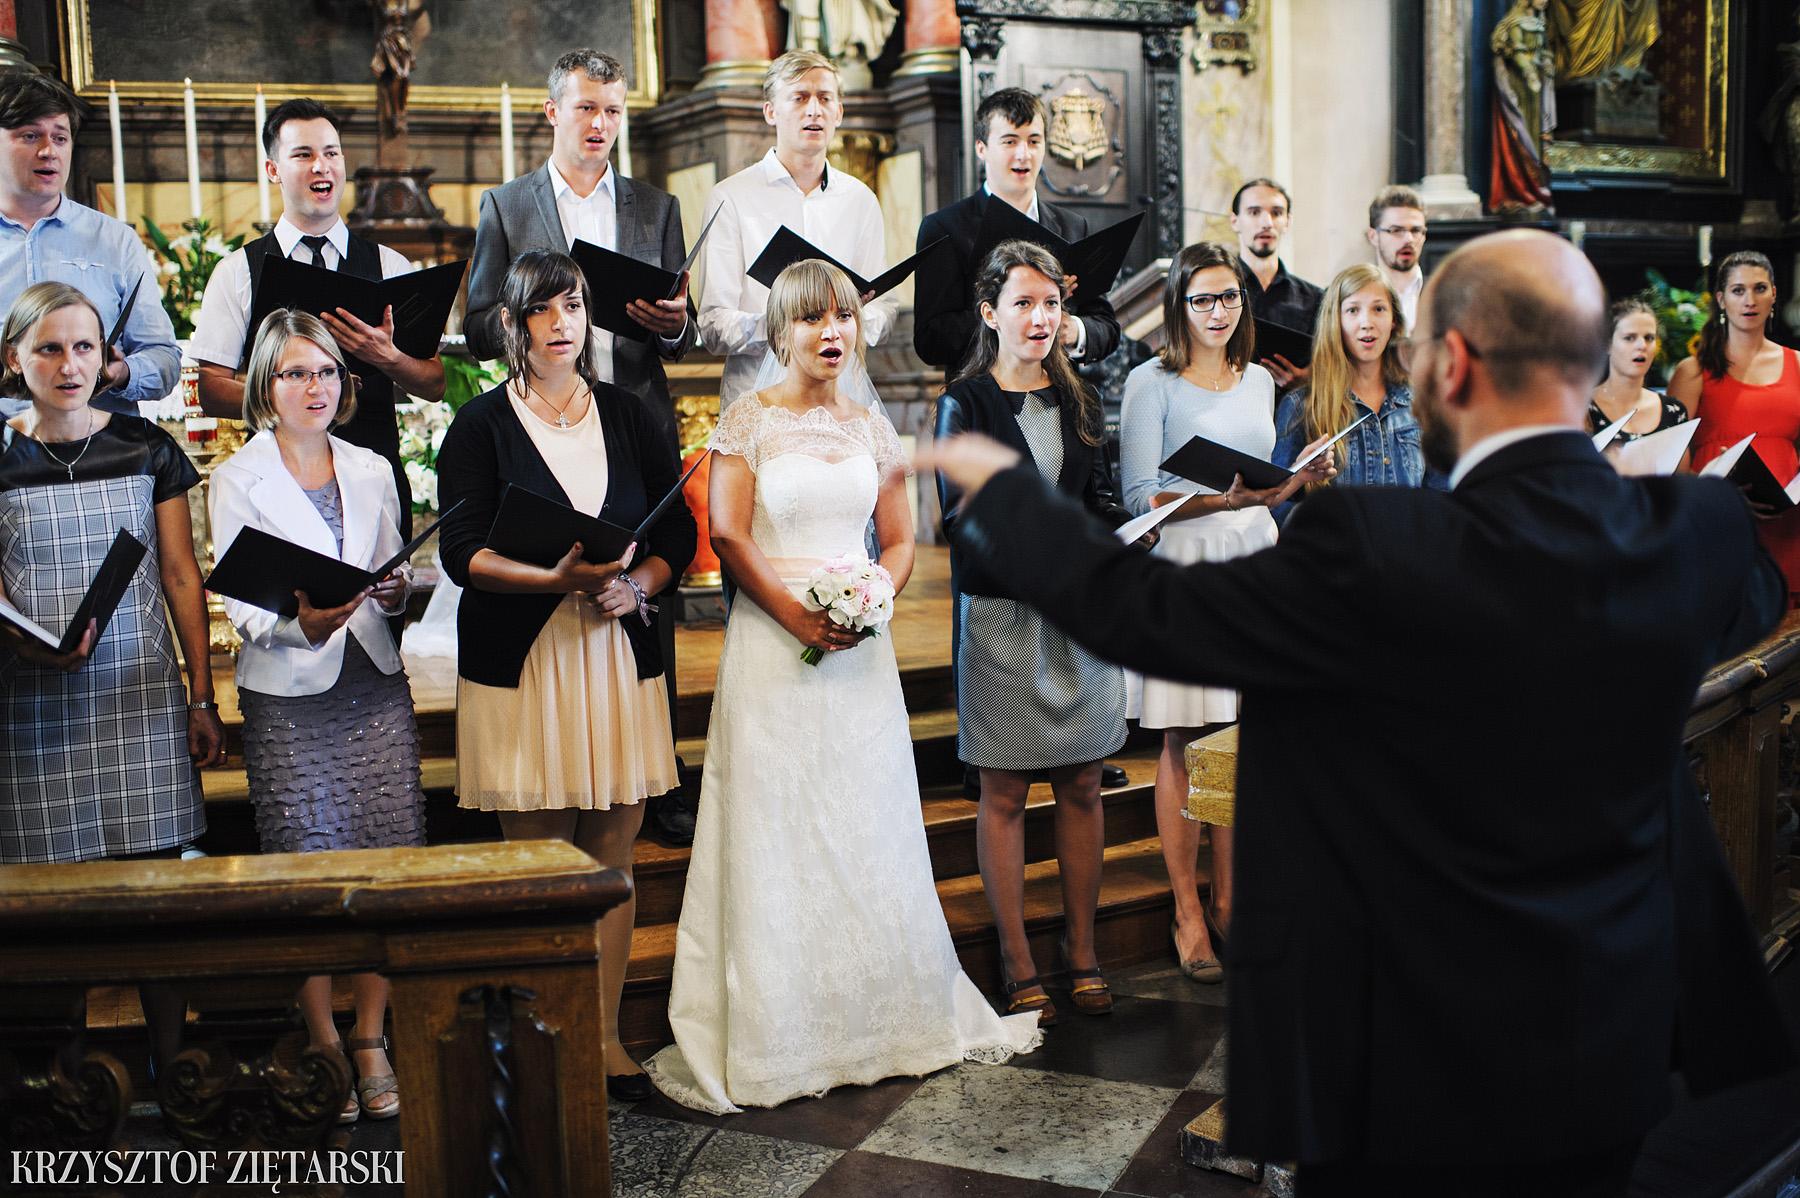 Justyna i Konrad - Fotografia ślubna Gdańsk, Kościół św.Ignacego Stare Szkoty, Restauracja Tabun Otomin - 17.